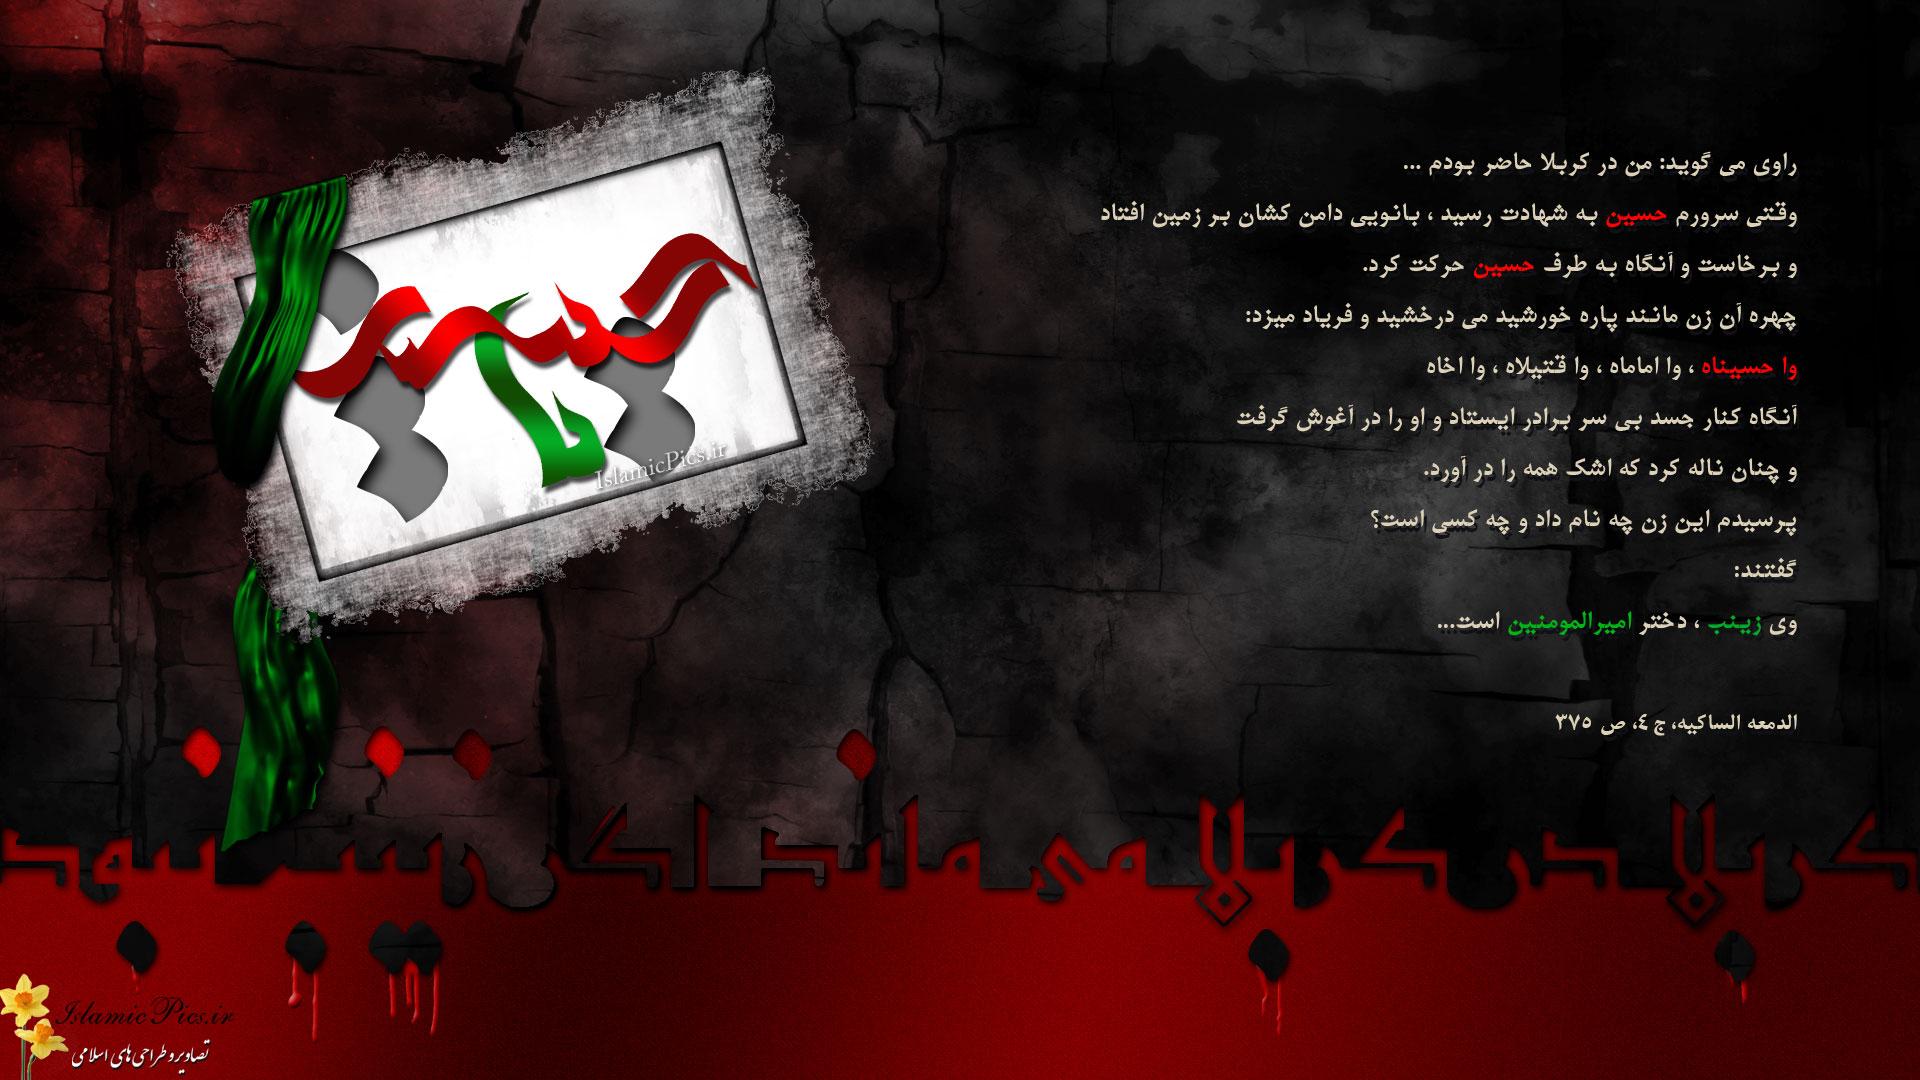 والپیپر hd مذهبی، شهادت امام حسین (ع)، محرم - 05 | تصاویر و طراحی ...shahadat-imam-hossein-hd-wallpaper-1